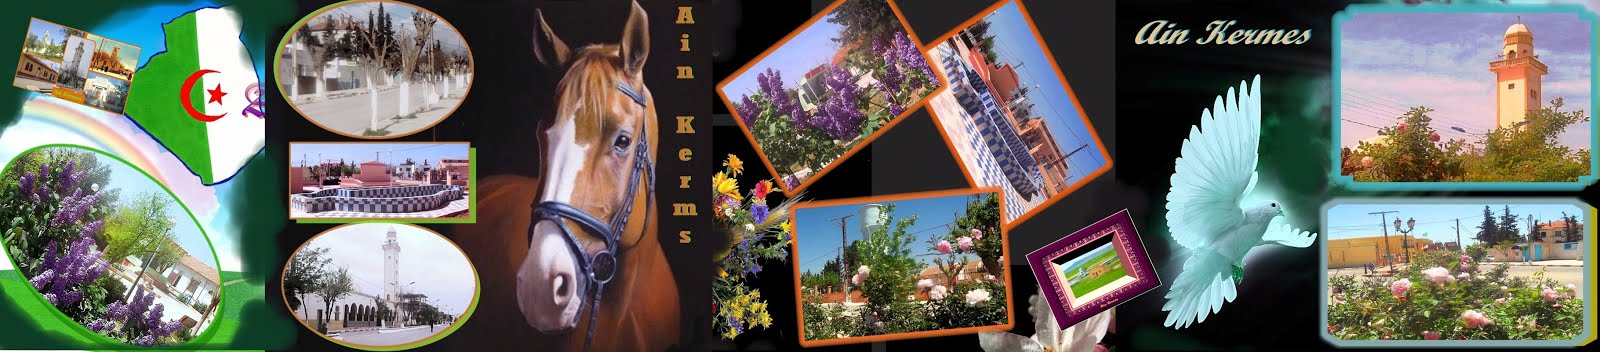 histiore et culture patrimoine d' Ain kermes